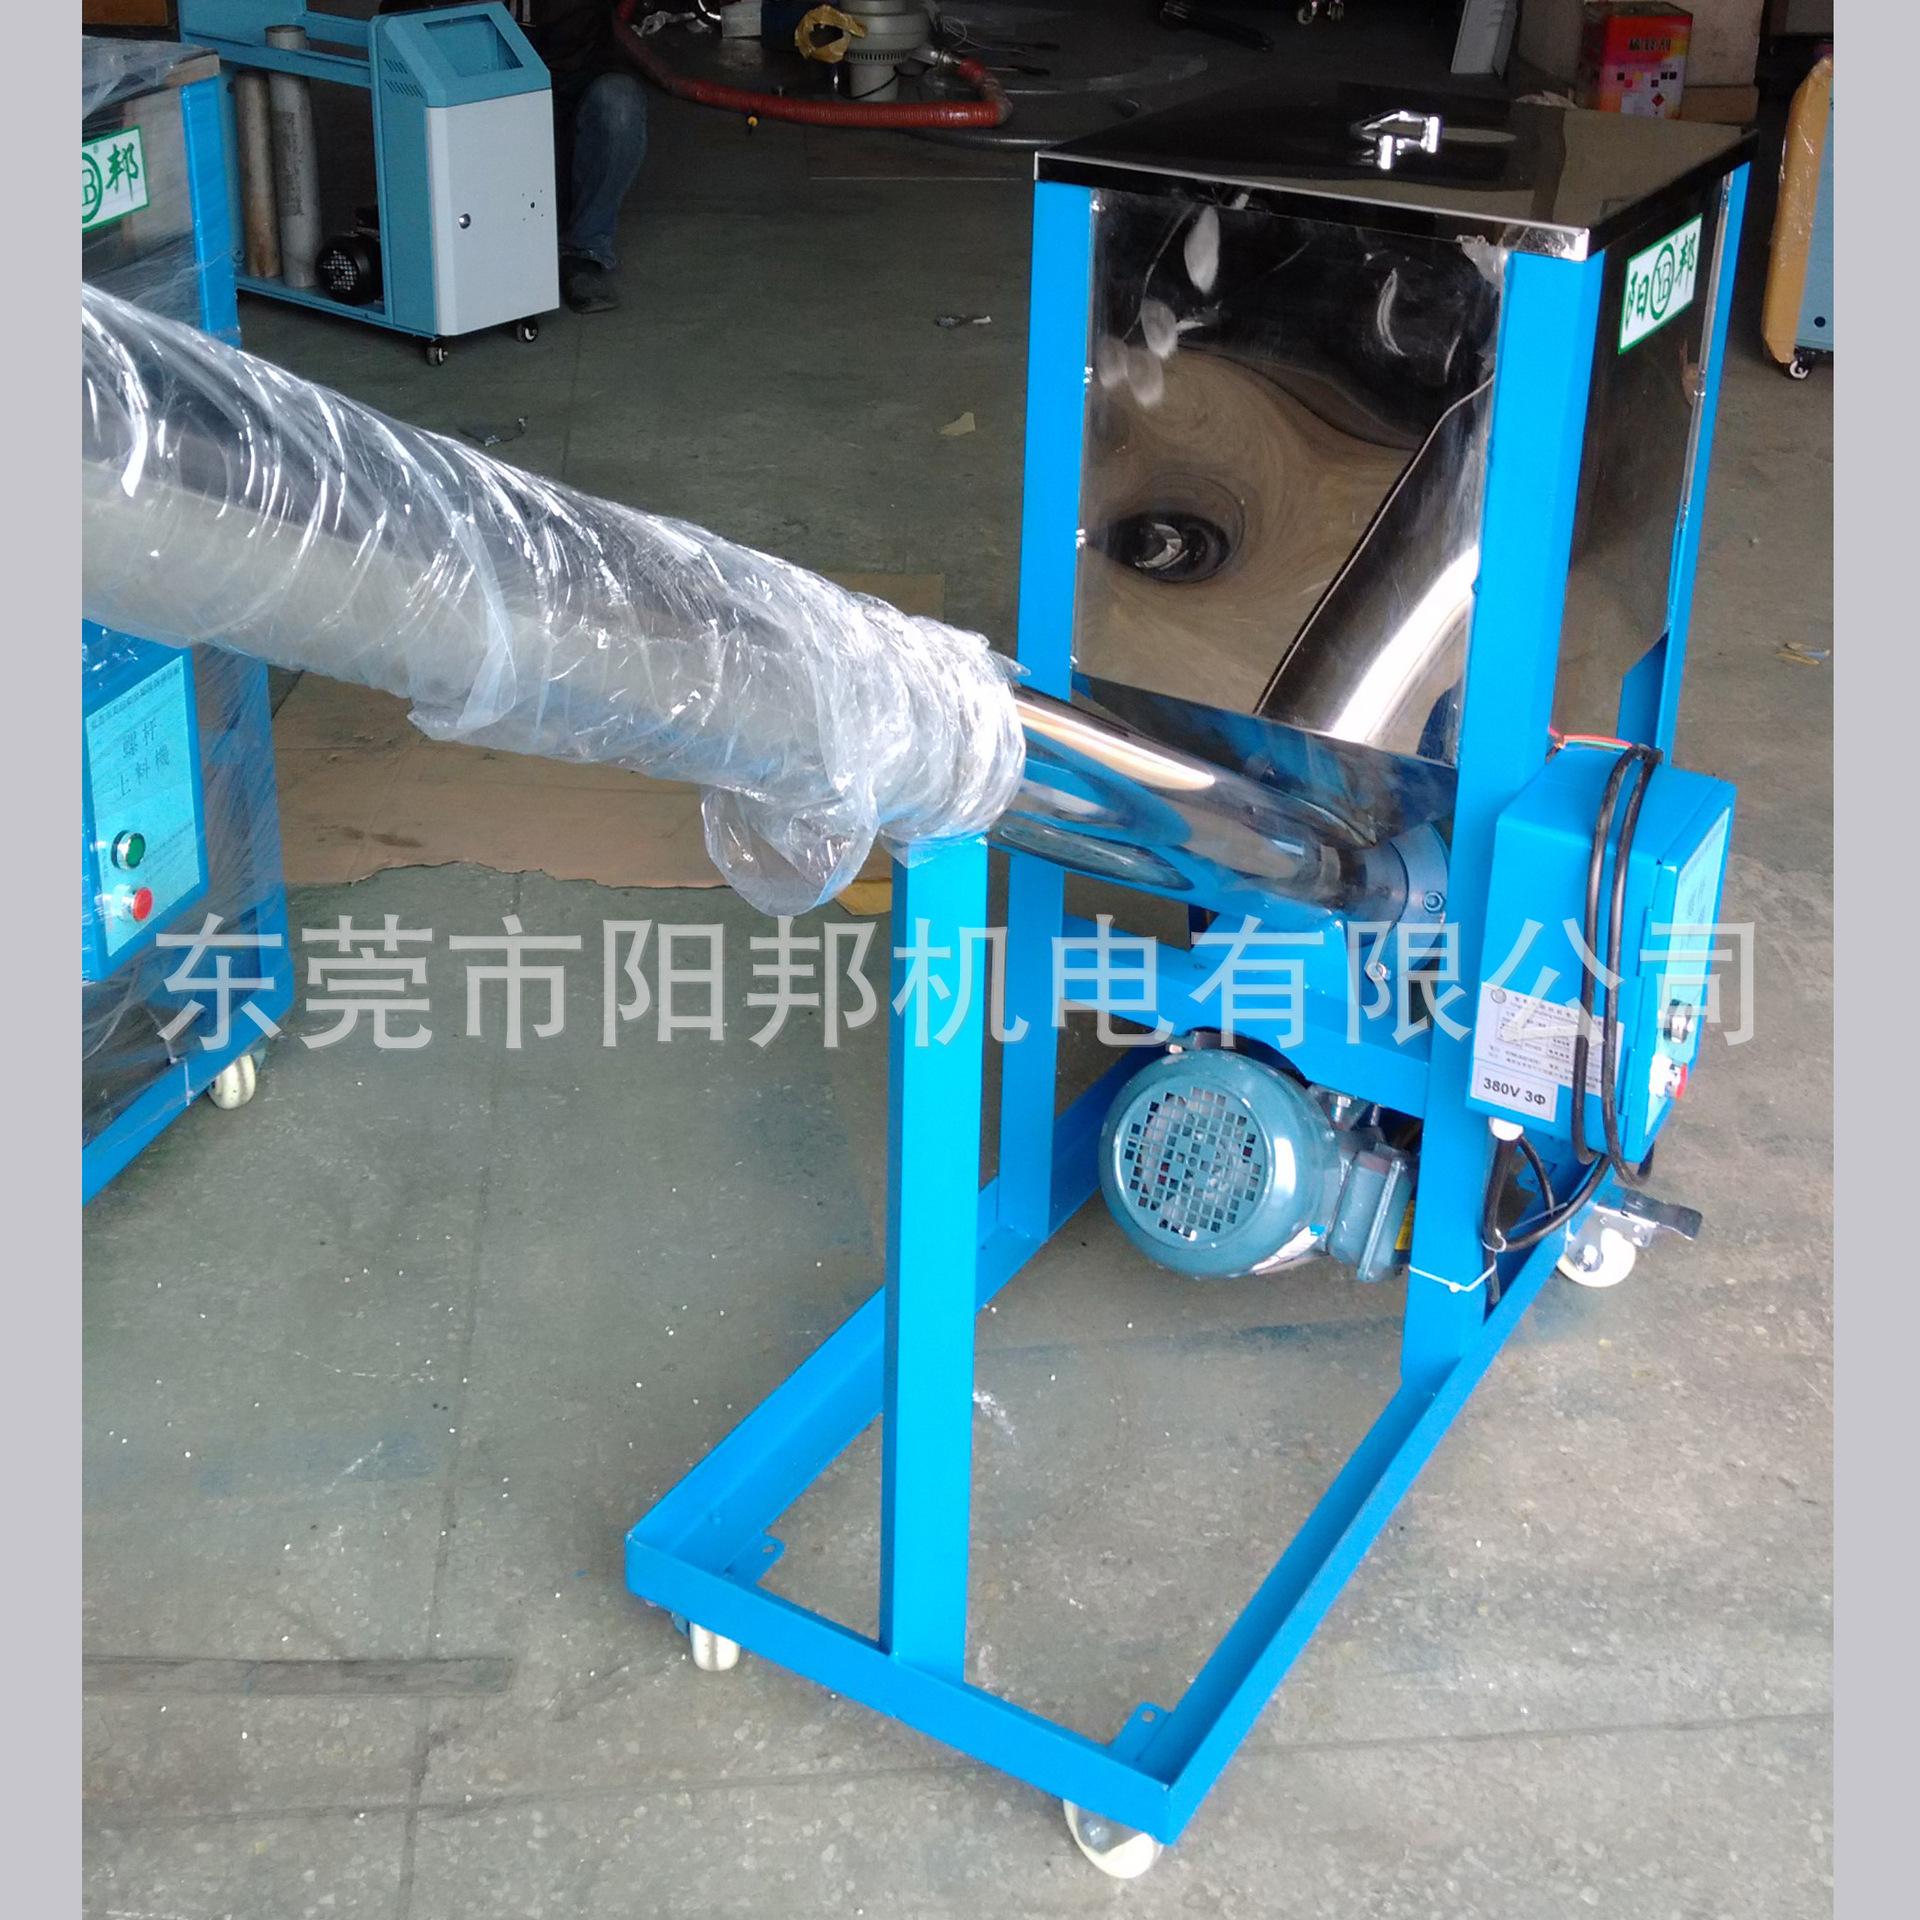 【阳邦】供应湖北塑料输送上料机 螺旋喂料上料机 工业螺杆上料机